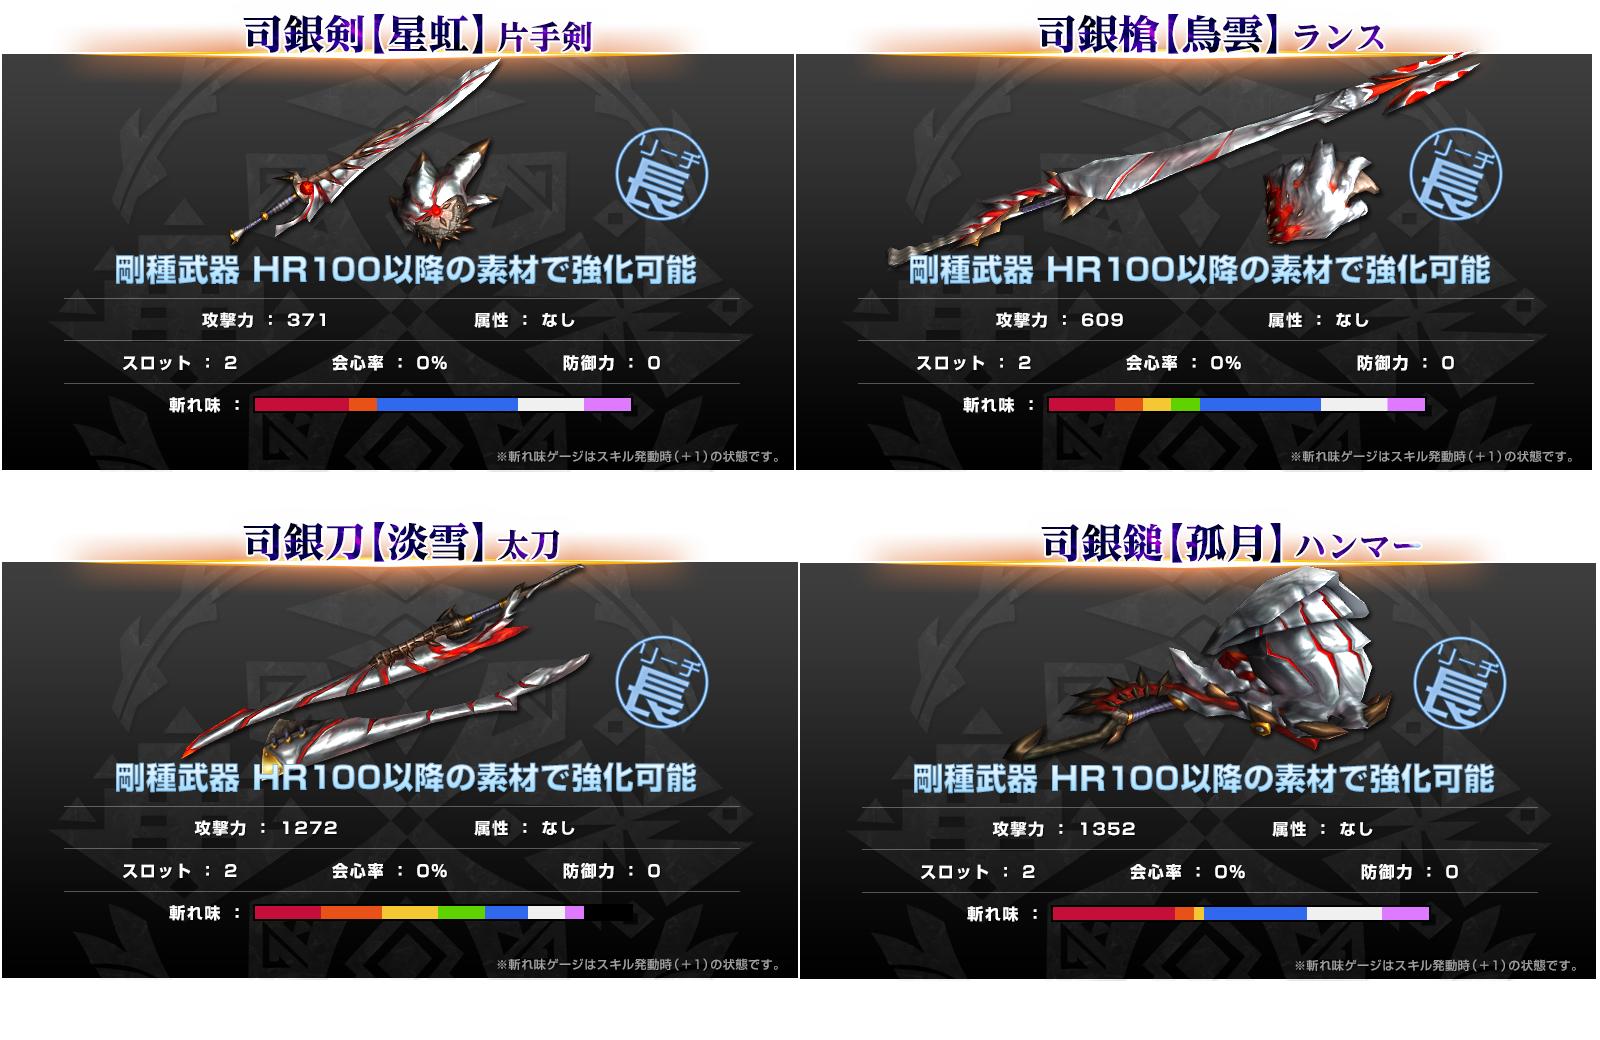 ハルド武器Ⅱ